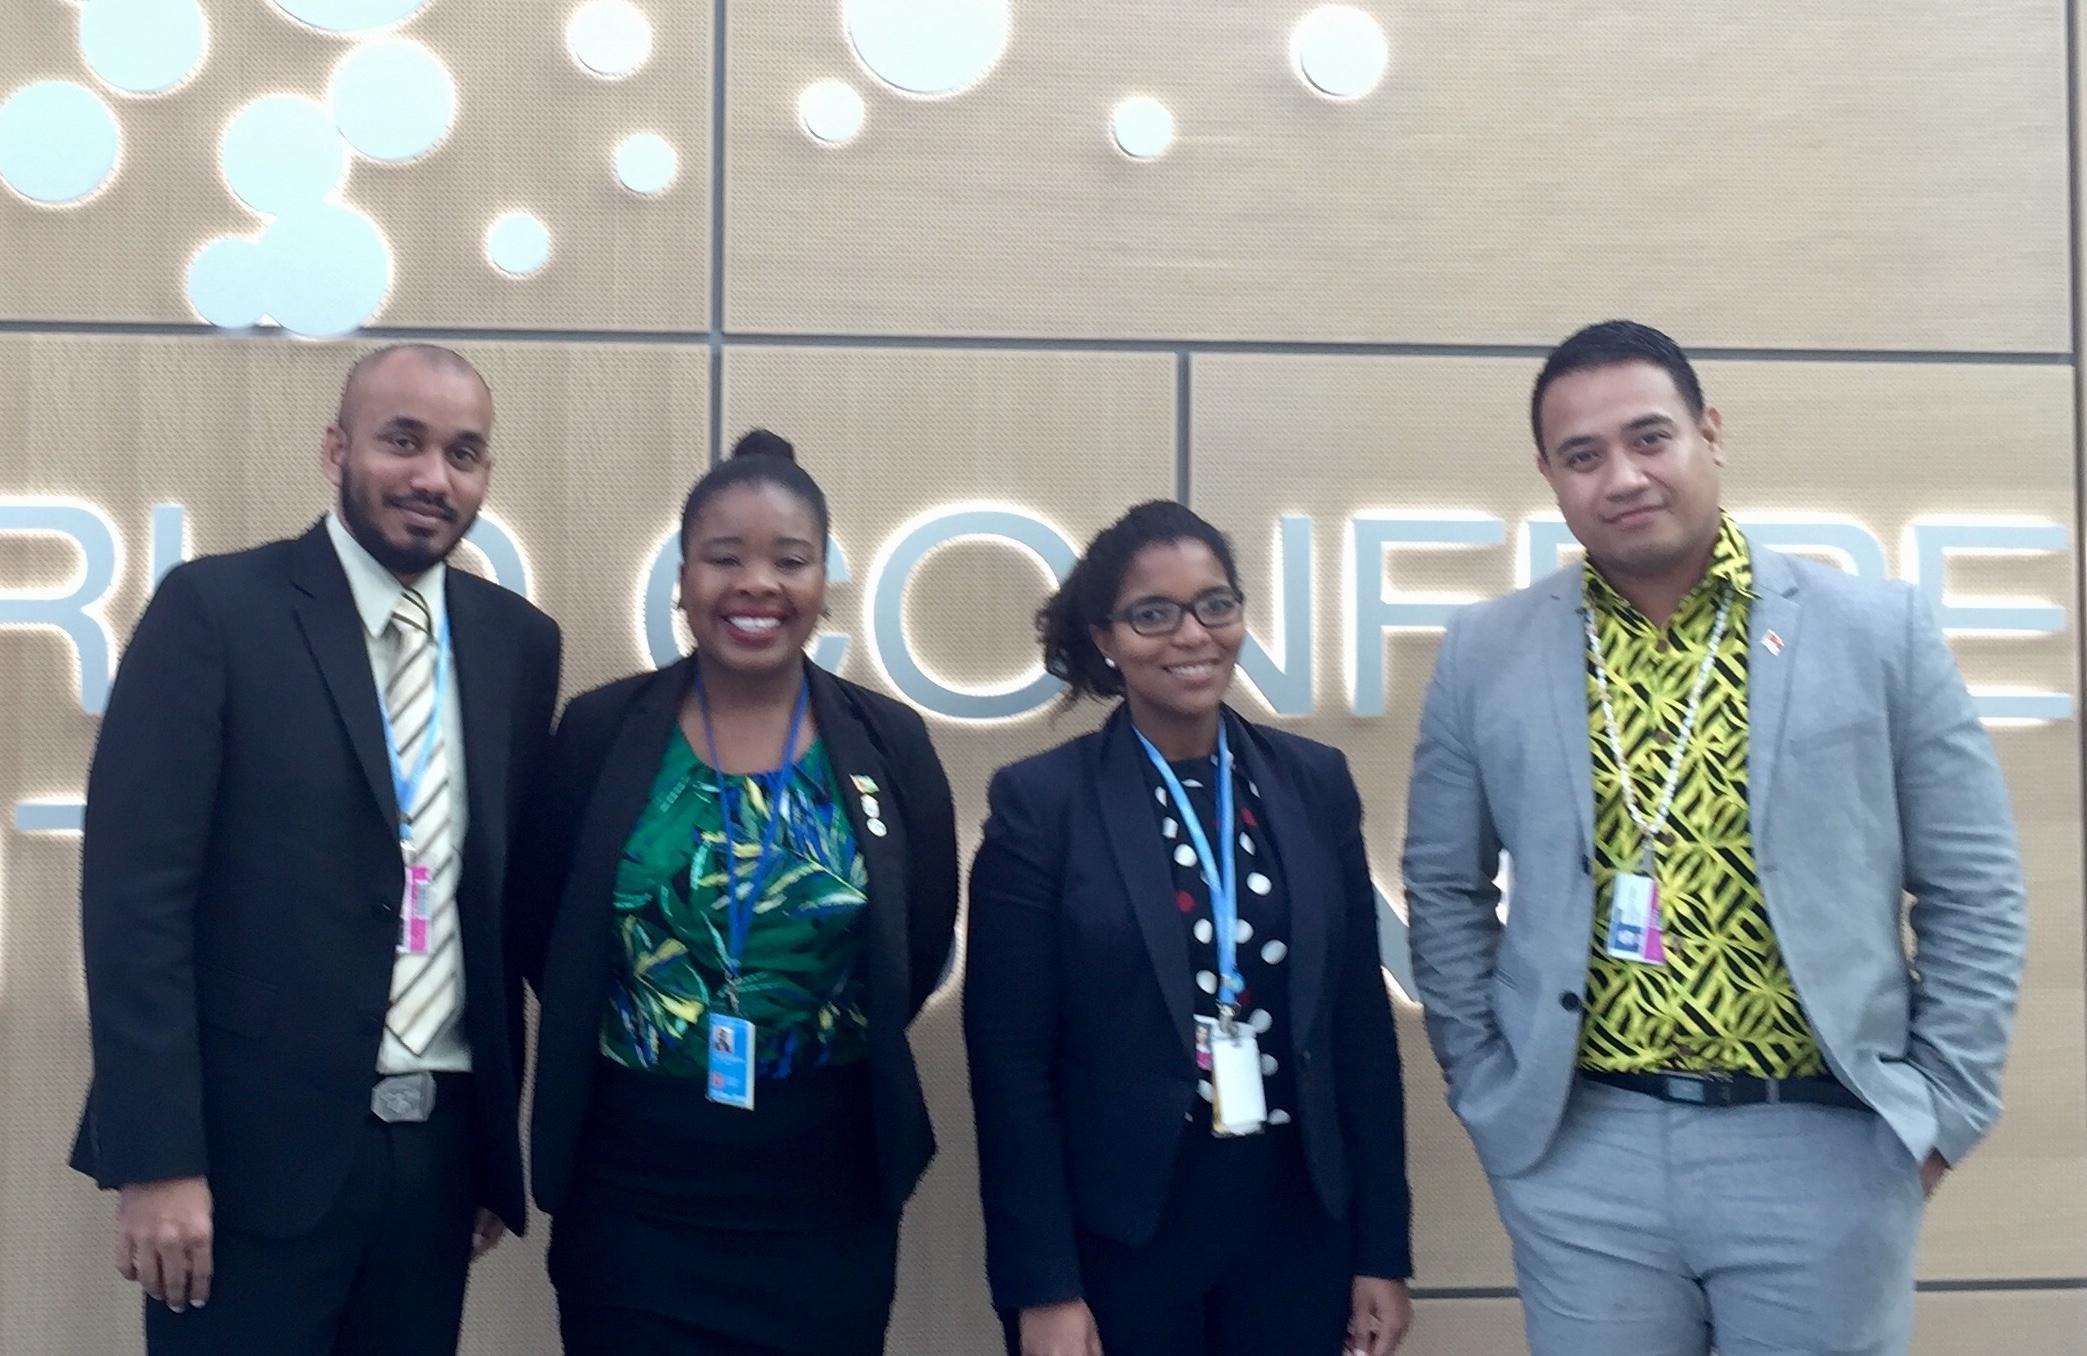 - May 2018: AOSIS Fellows representing Maldives, Guyana, Seychelles, and Kiribati at UNFCCC SB48 in Bonn.